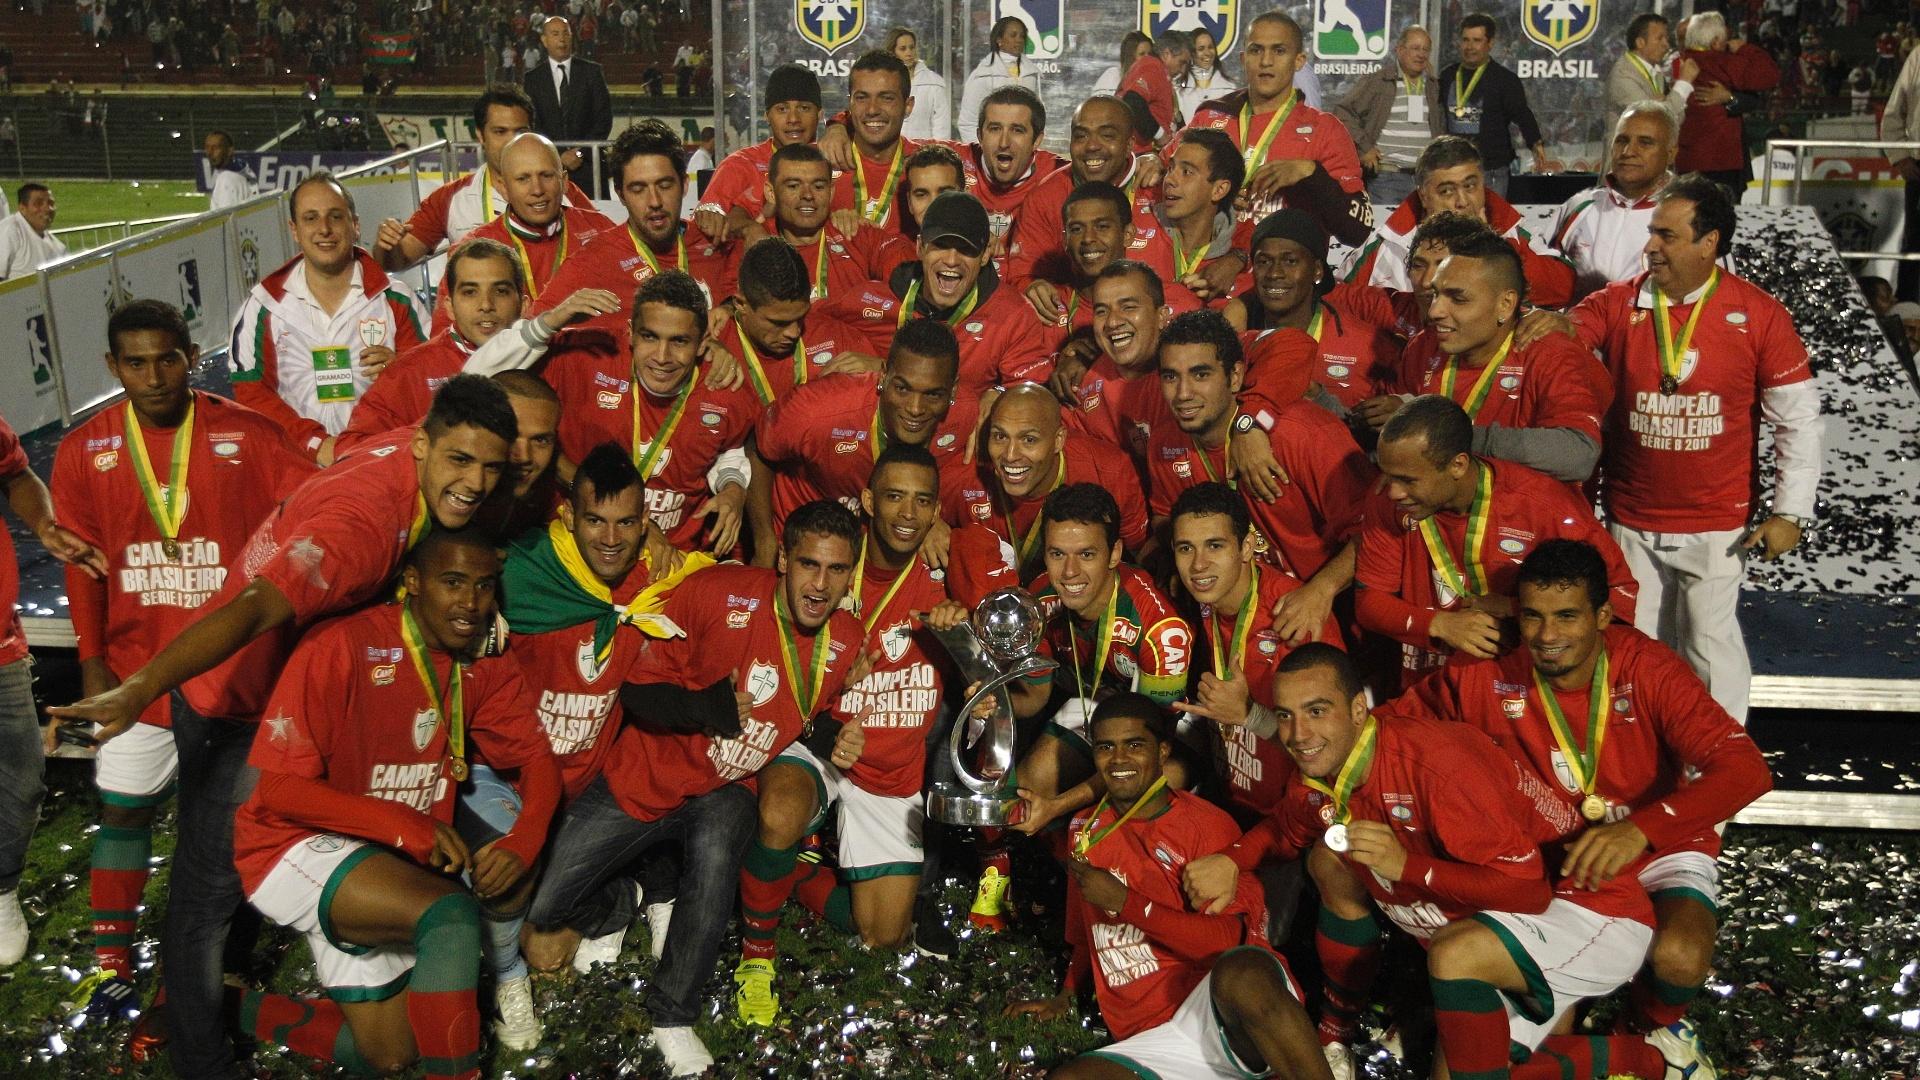 Jogadores da Lusa festejam o troféu de campeão da Série B, no estádio do Canindé